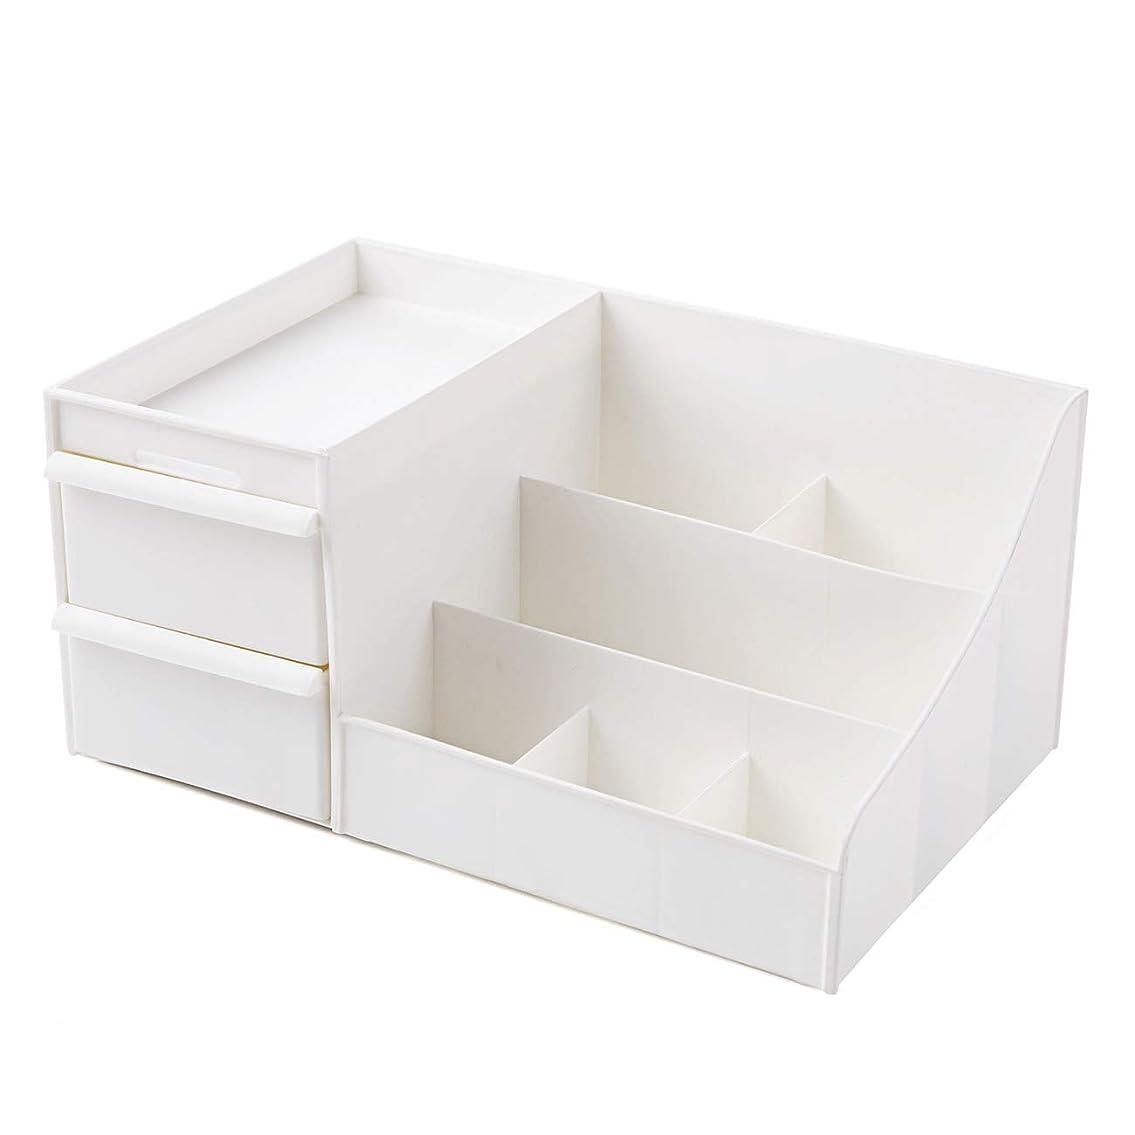 不良品仮説寄稿者[Shinepine] 化粧品収納ボックス 引き出し 仕切り収納 メイク収納 小物収納 スタンド 化粧品入れ メイクケース 卓上小物入れ メイク収納ケース アクセサリーボックス (#2 引き出し 白)